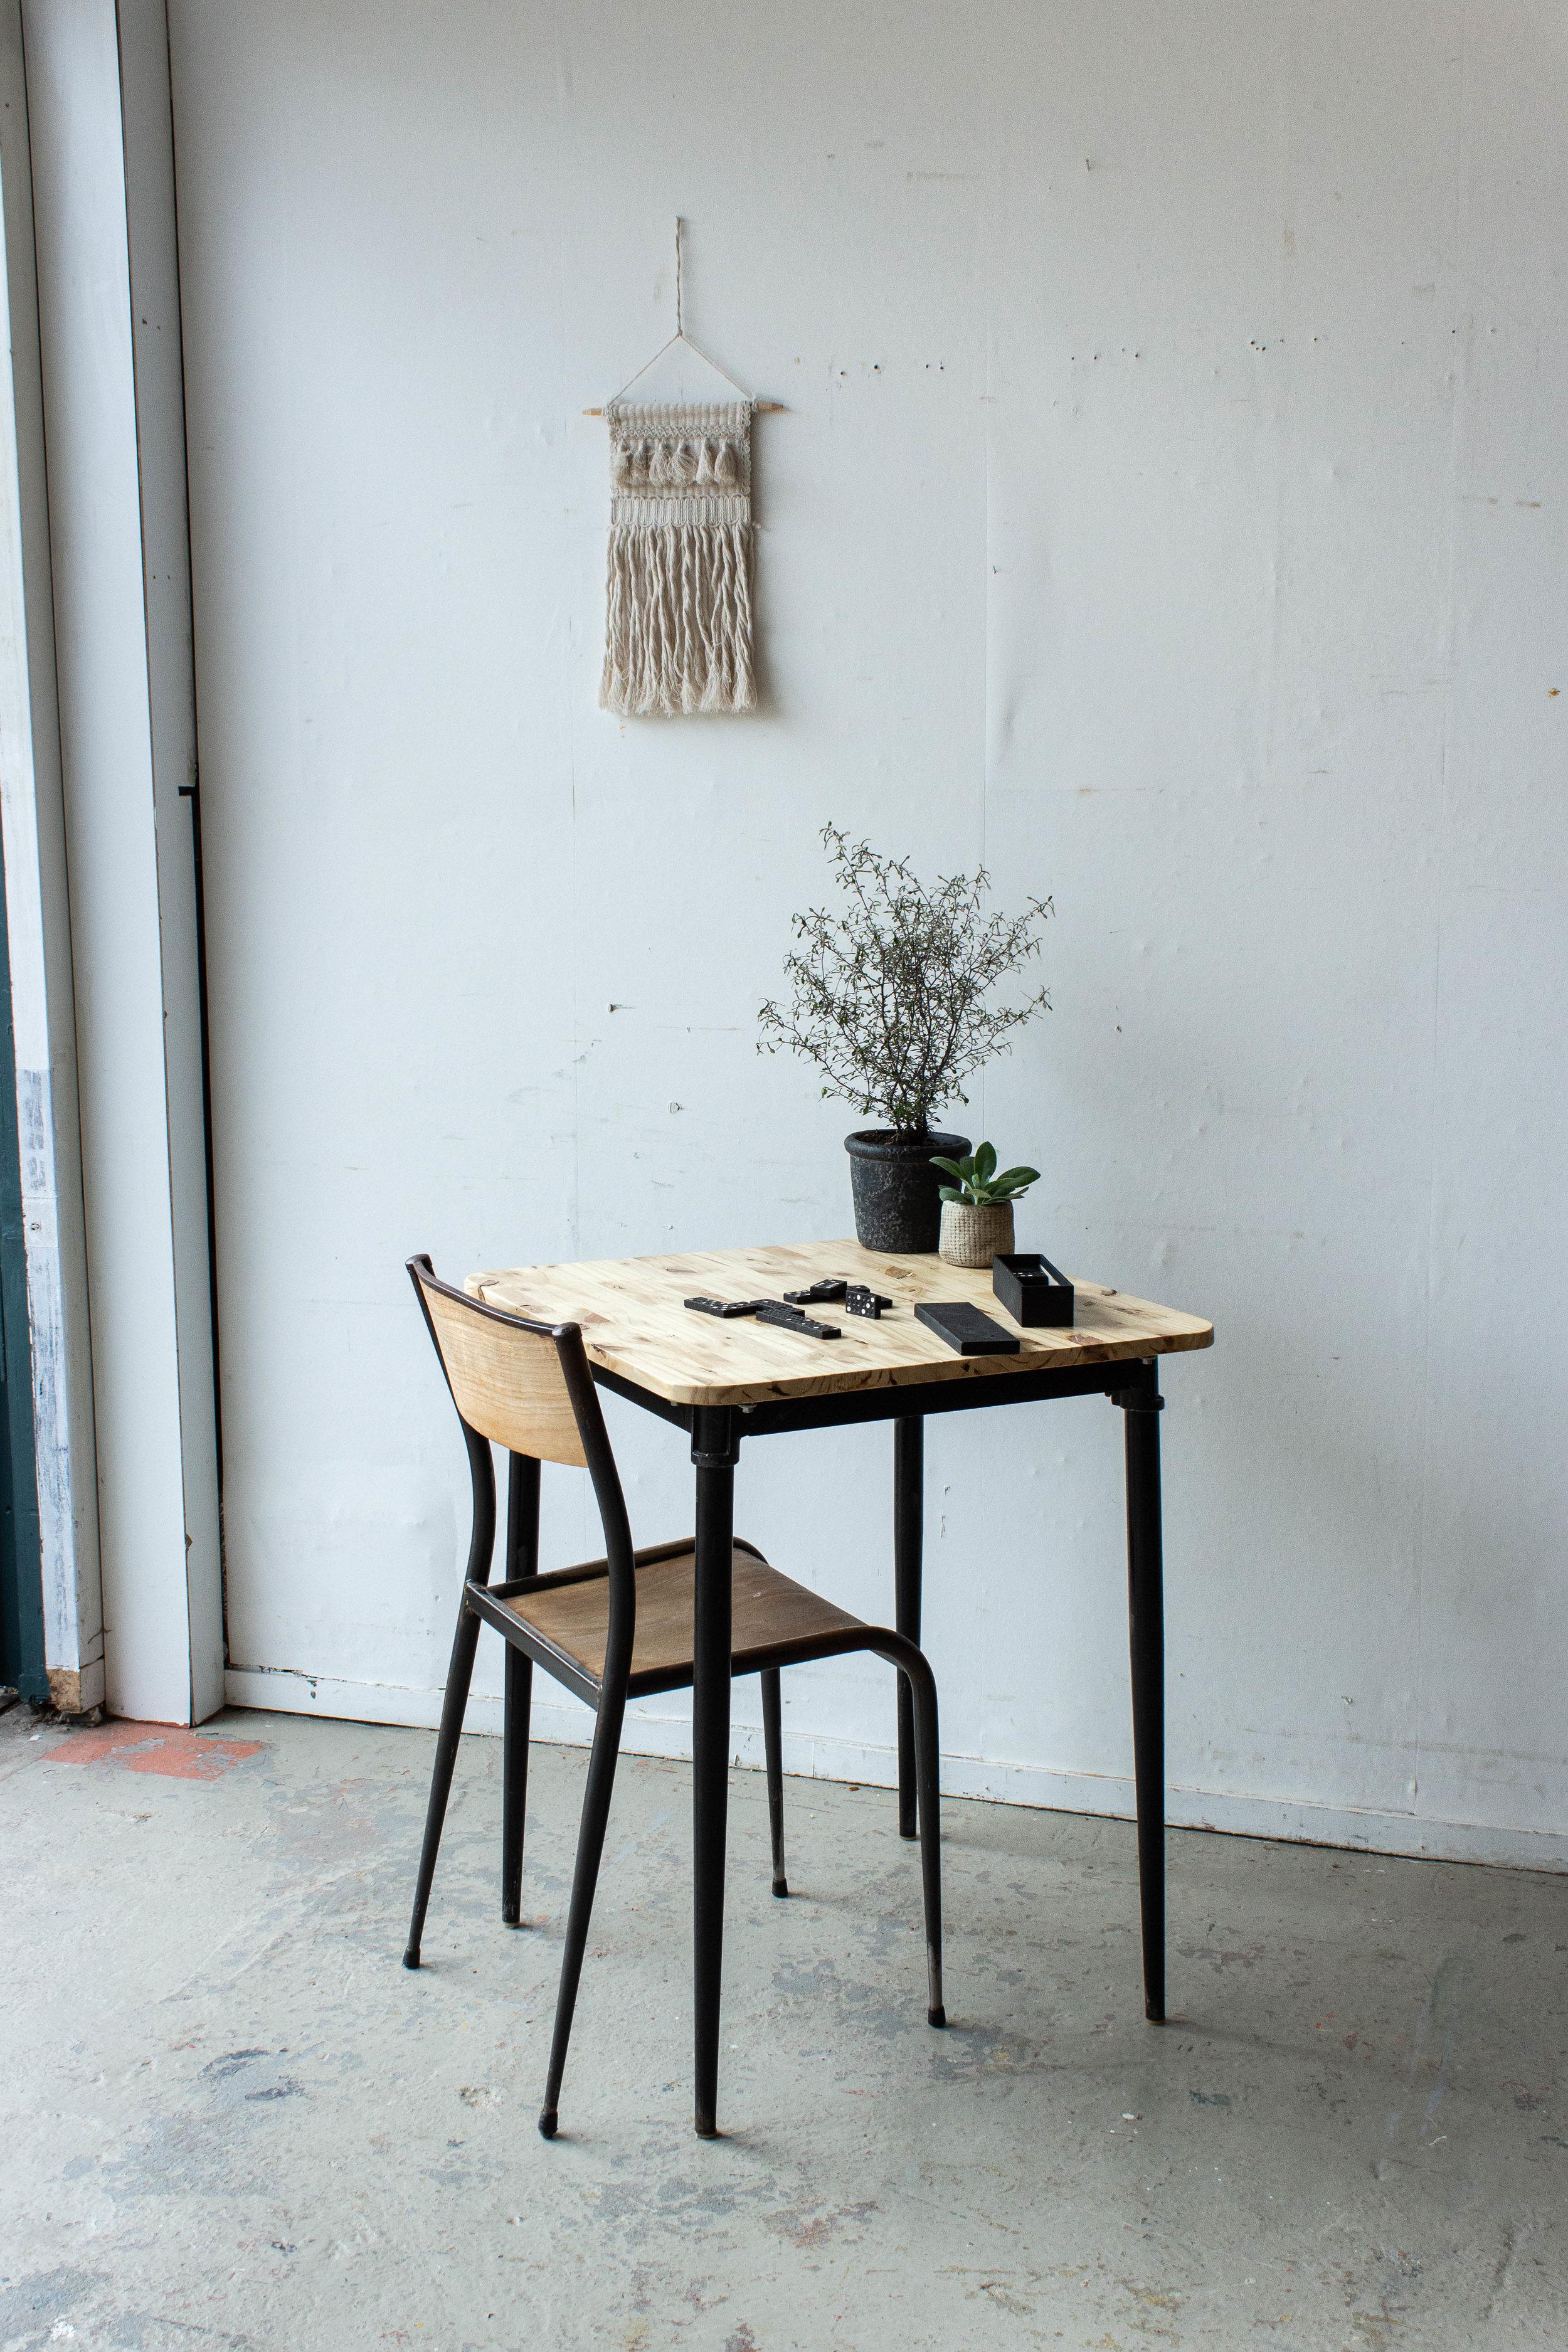 3189 - Eenpersoons schooltafel met zwarte puntpootjes.jpg